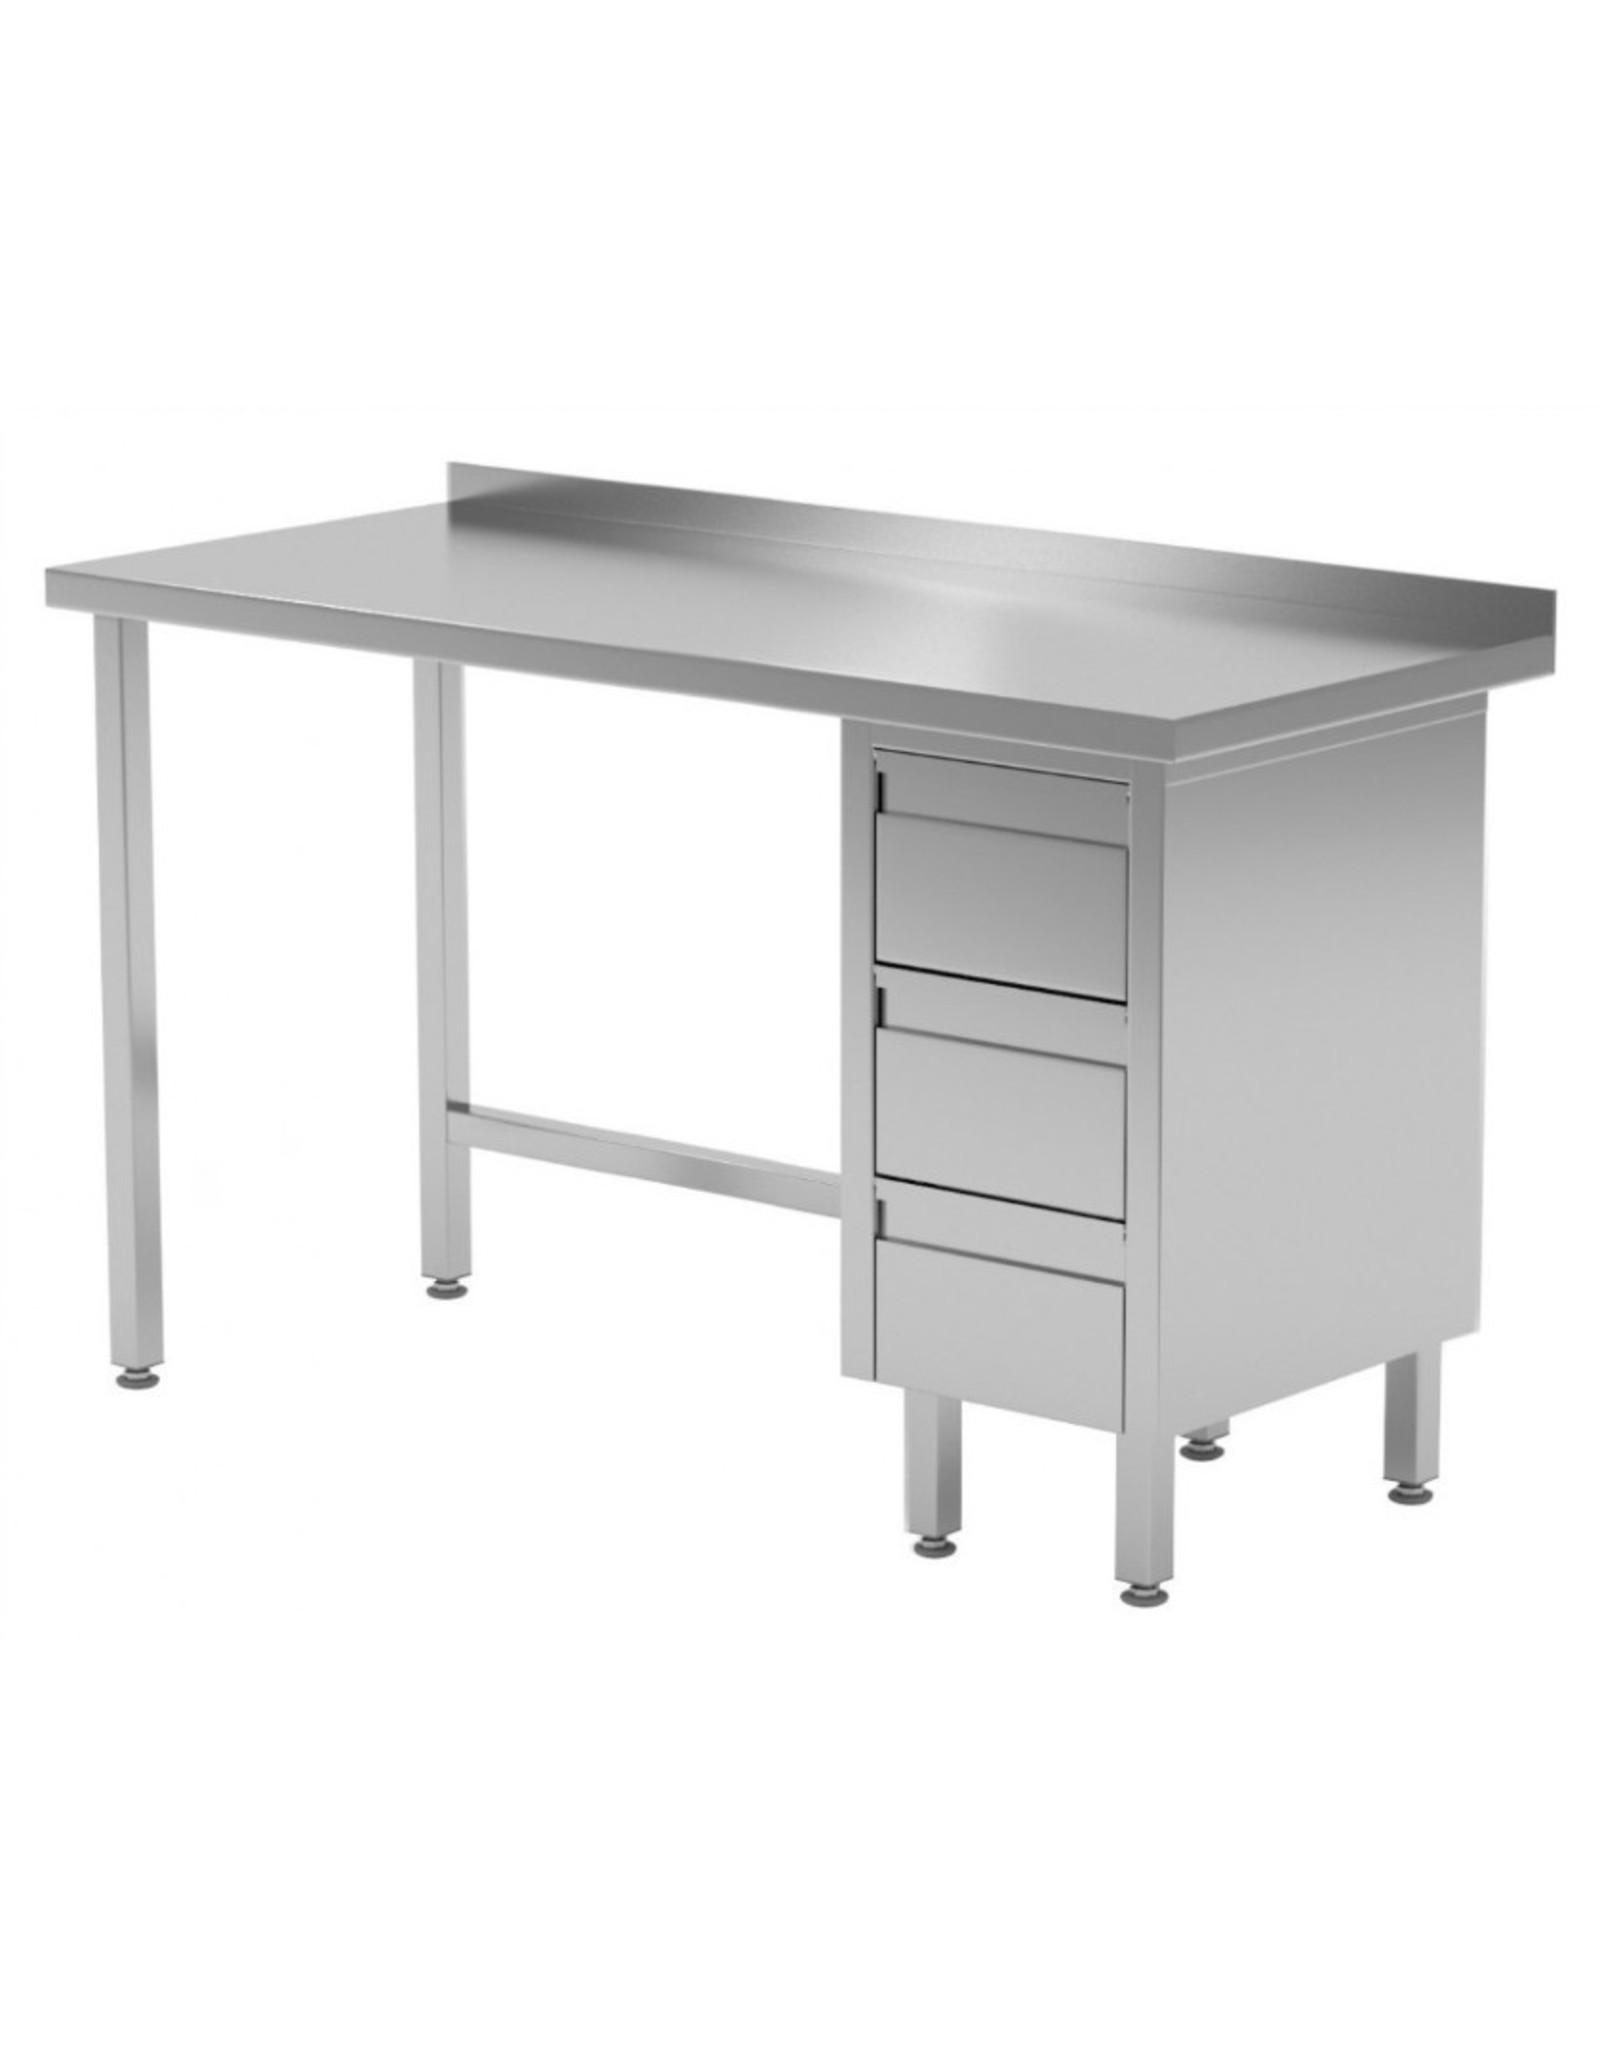 Werktafel met 3 lades rechts | 800-1900mm breed | 600 of 700mm diep